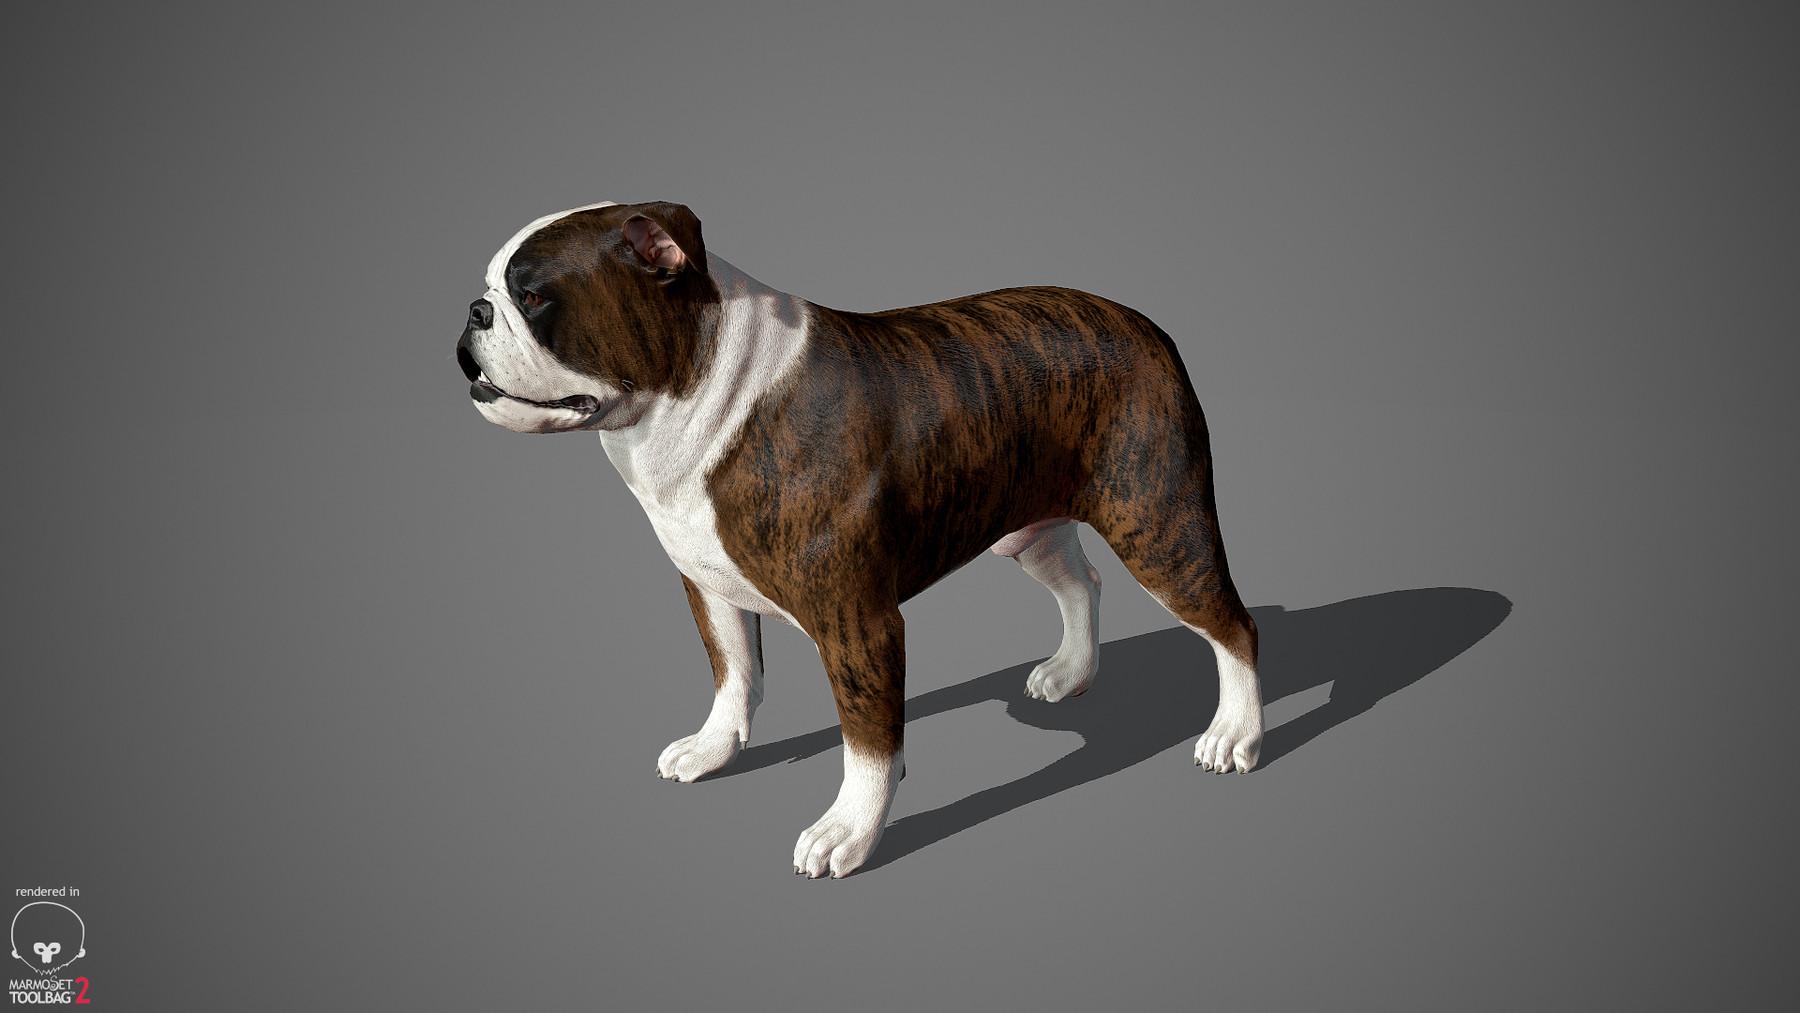 Englishbulldog by alexlashko marmoset 27